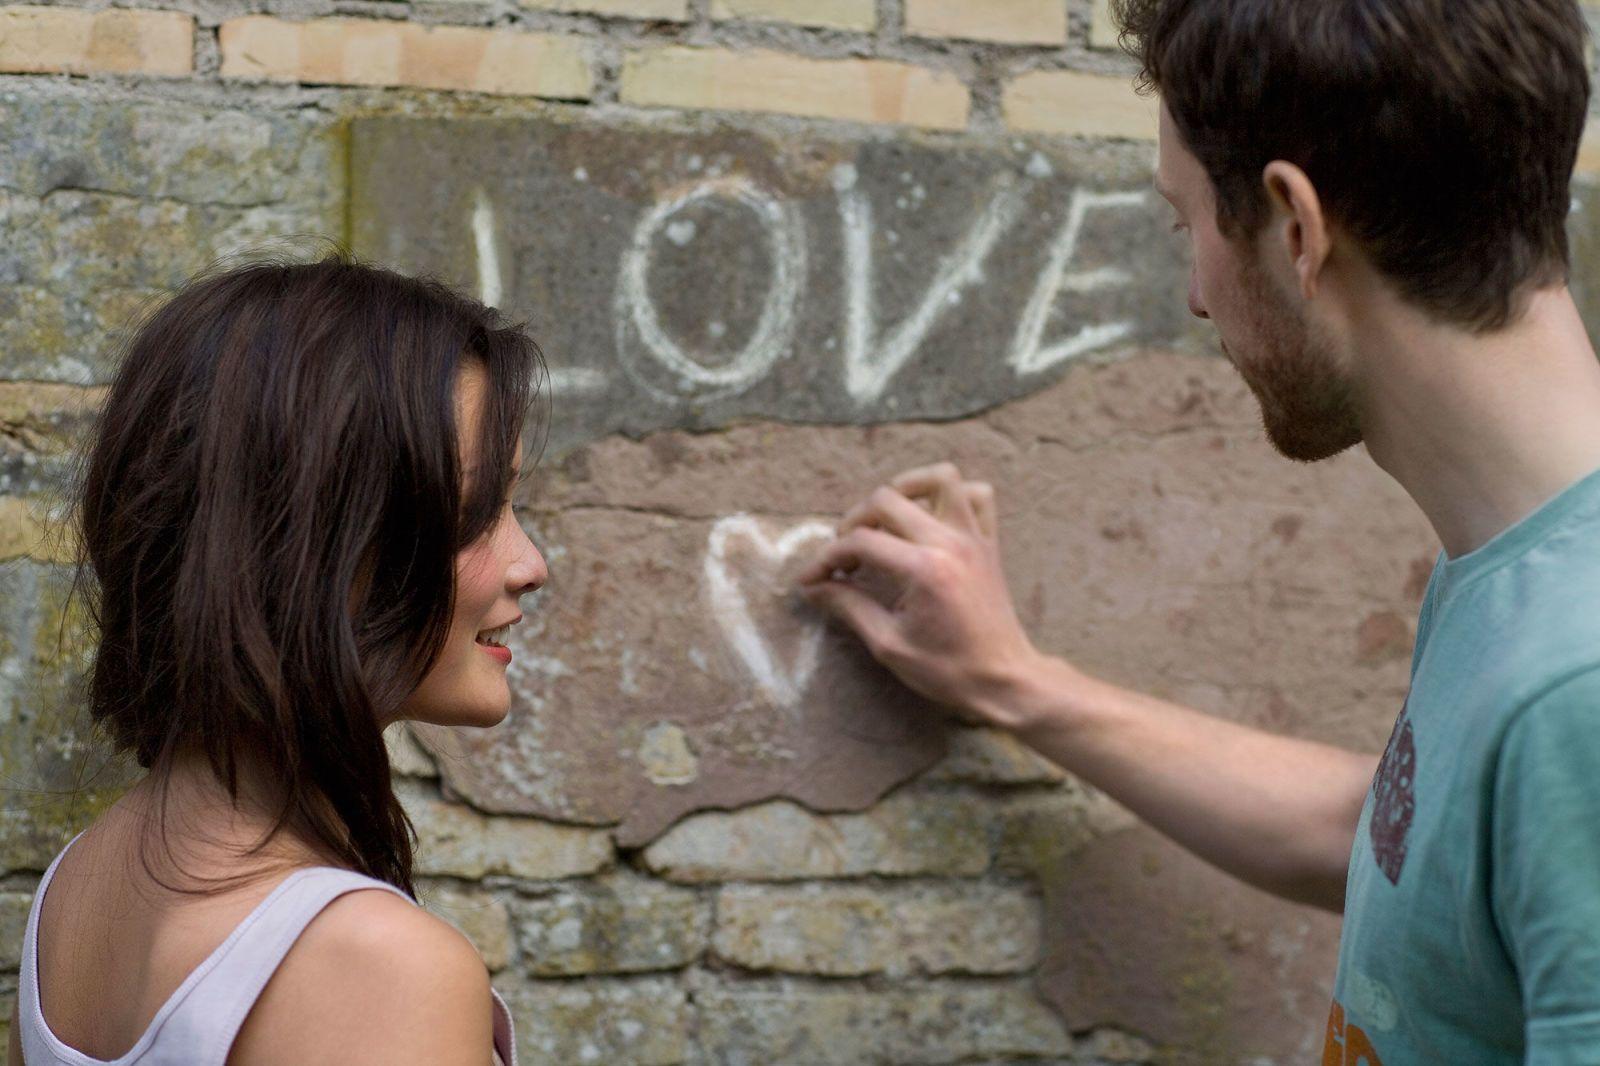 online dating messaggio damore Quando iniziare a frequentare durante il divorzio